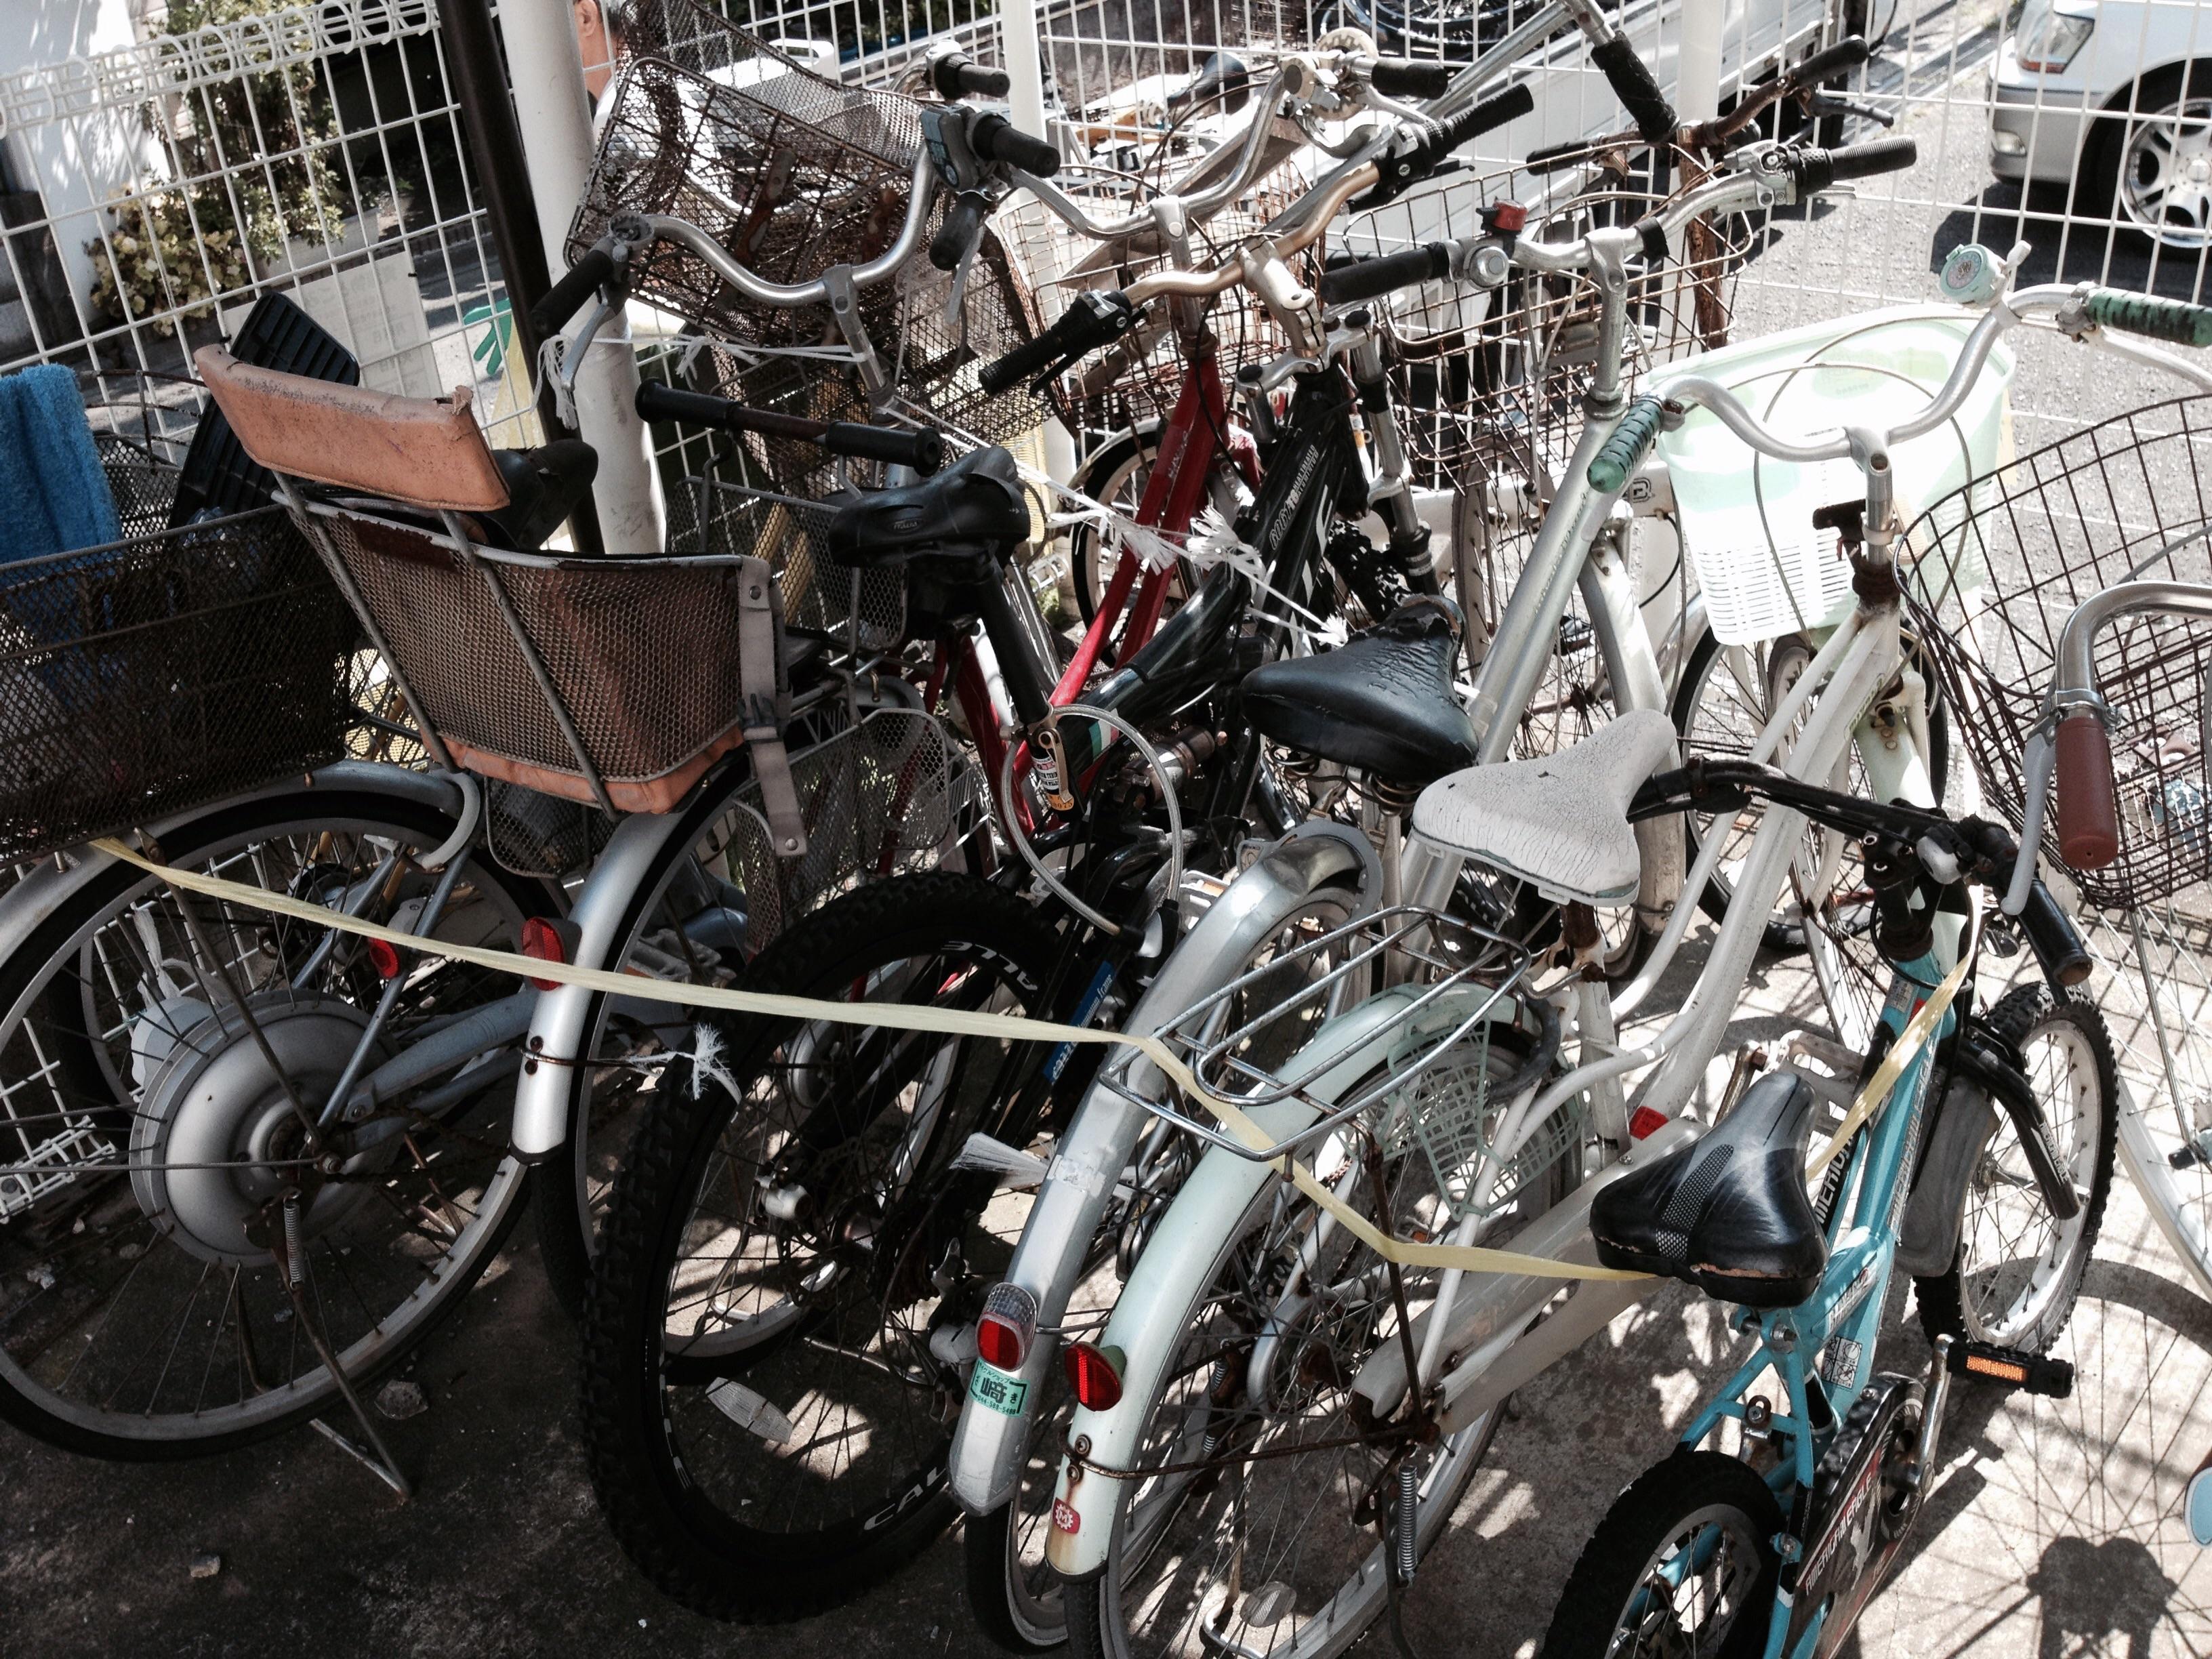 自転車の 茅ヶ崎 自転車 撤去 : 不動産会社様から3回目のご ...